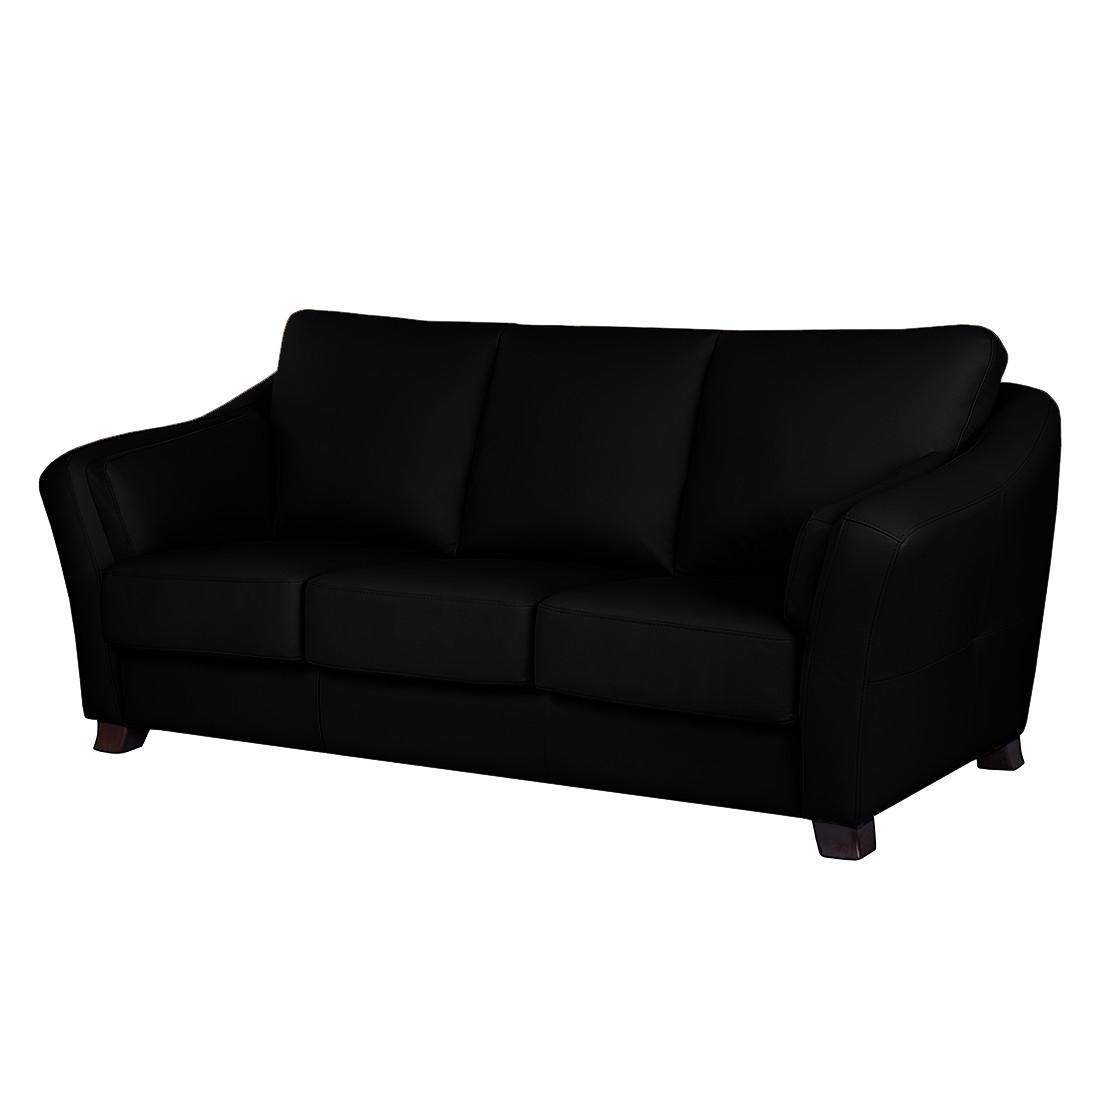 Canapé convertible Toucy - Cuir véritable noir, Nuovoform